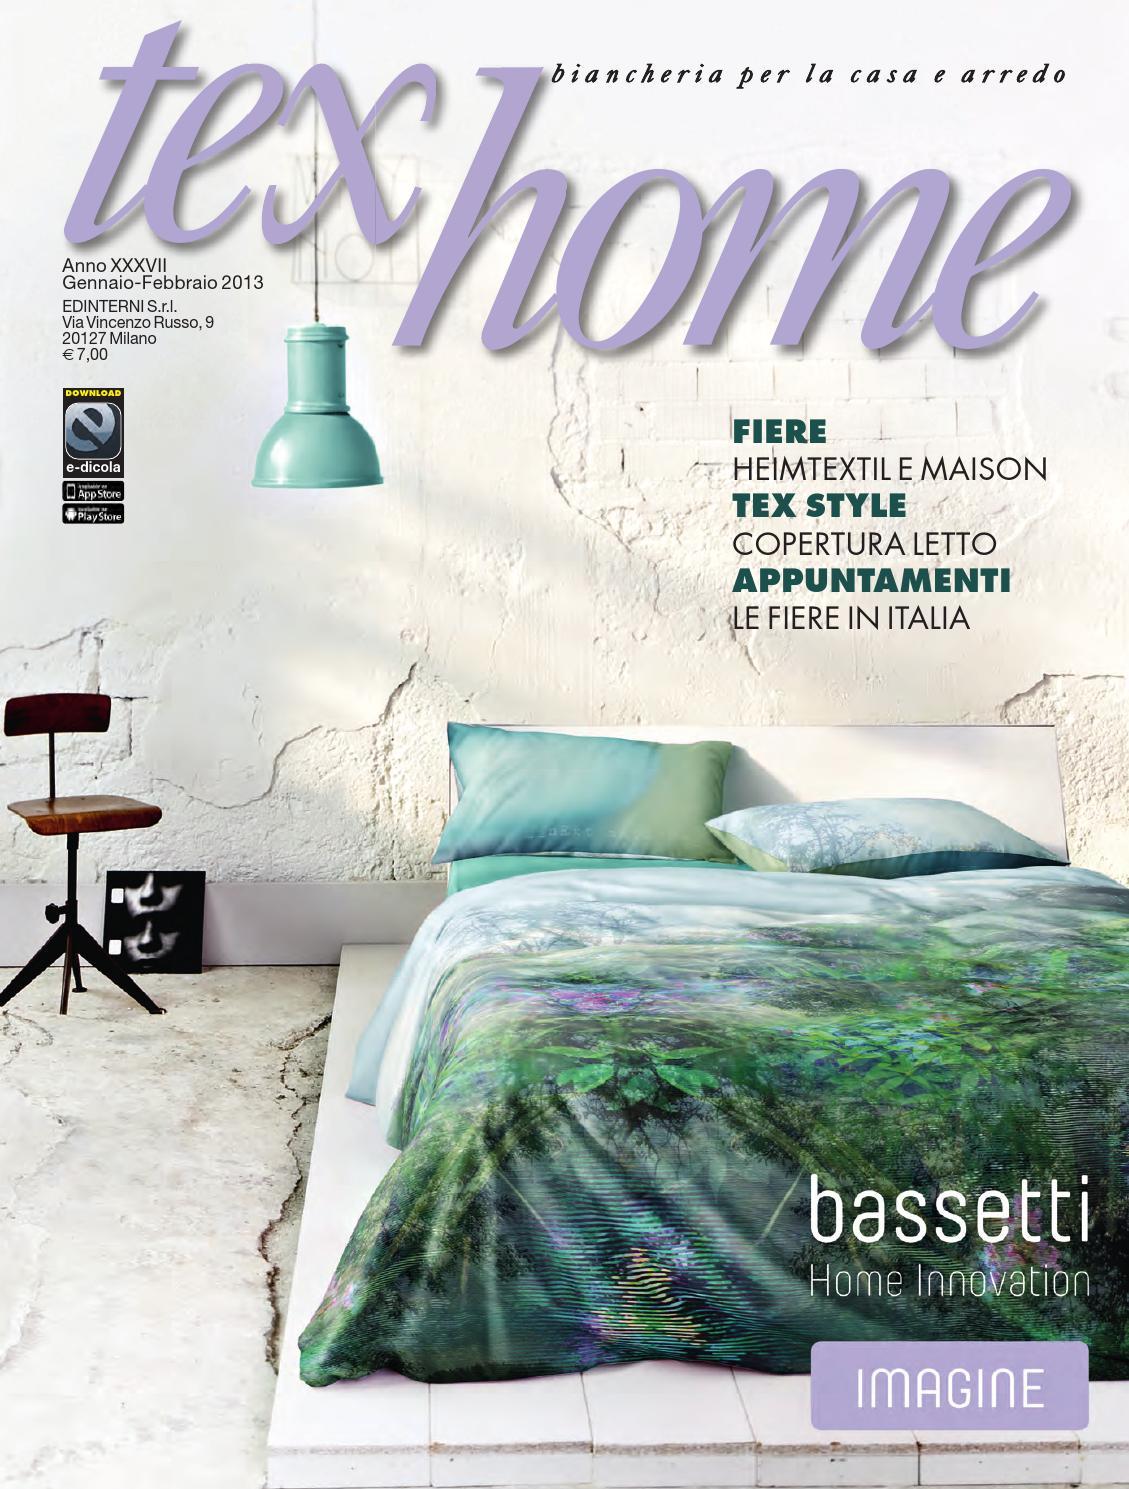 Tex home gennaio febbraio 2013 by edinterni srl issuu - Biancheria per la casa blumarine ...